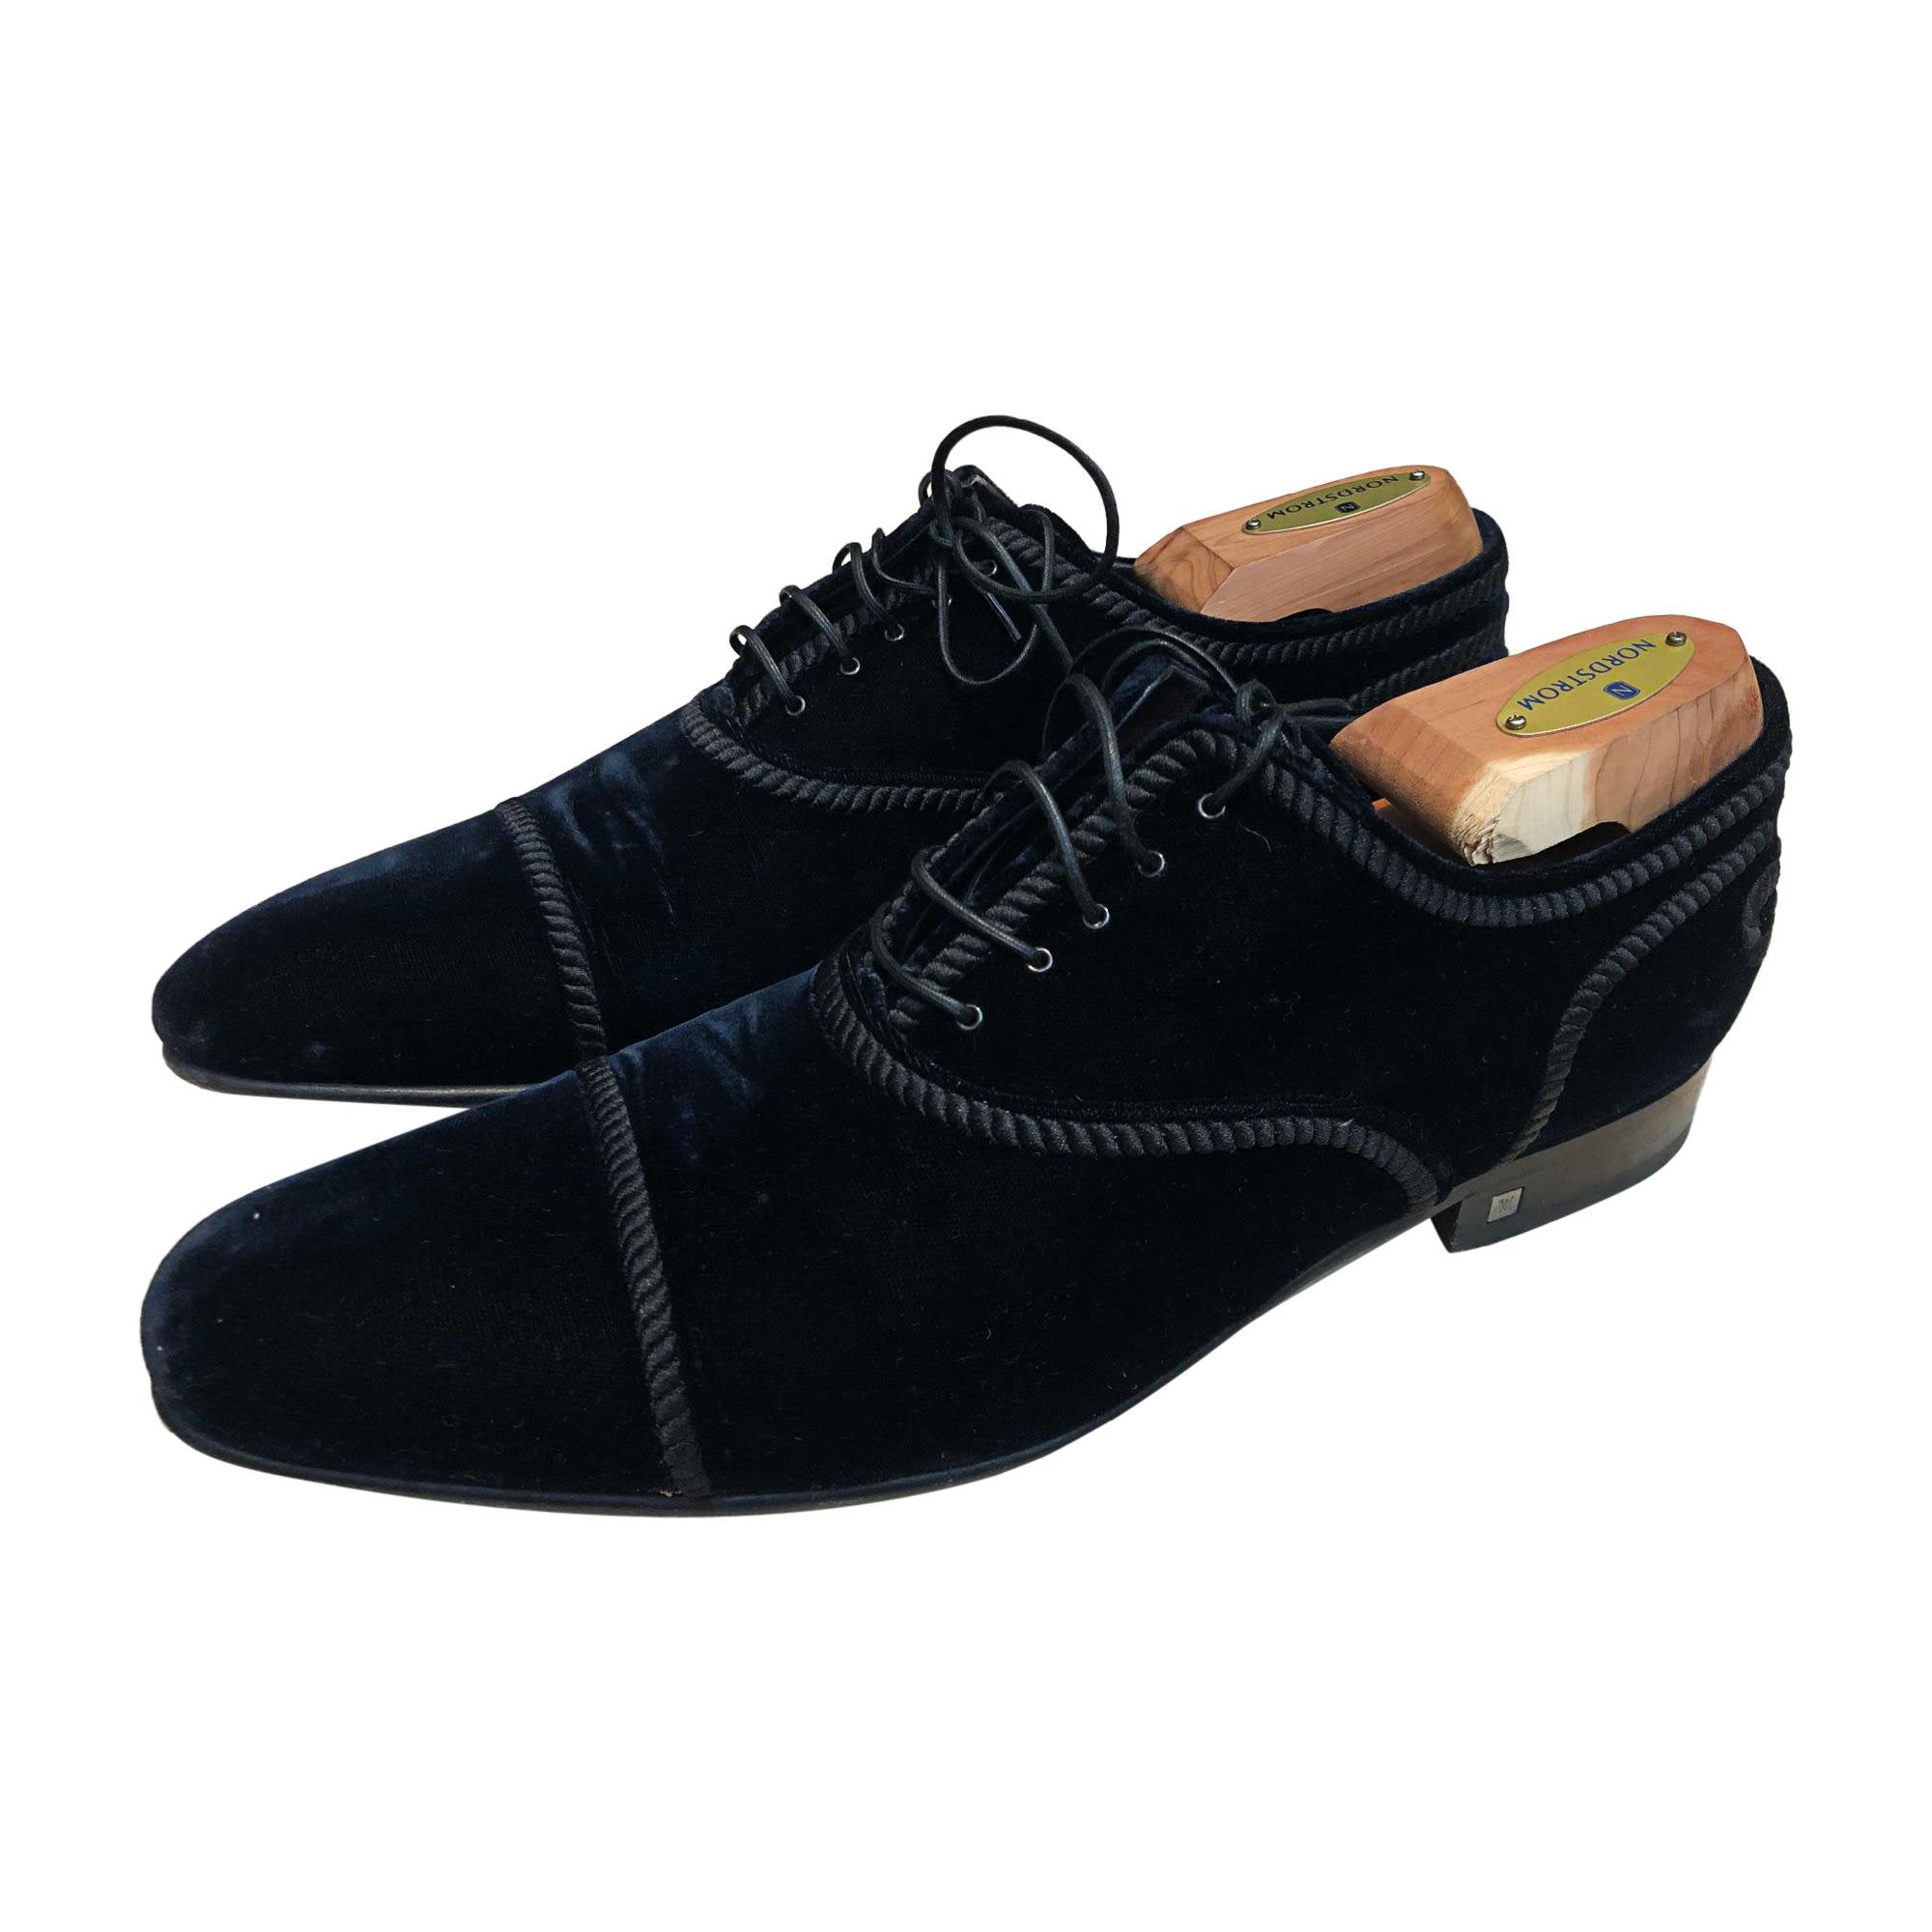 Chaussures à lacets LOUIS VUITTON Archlight Marron